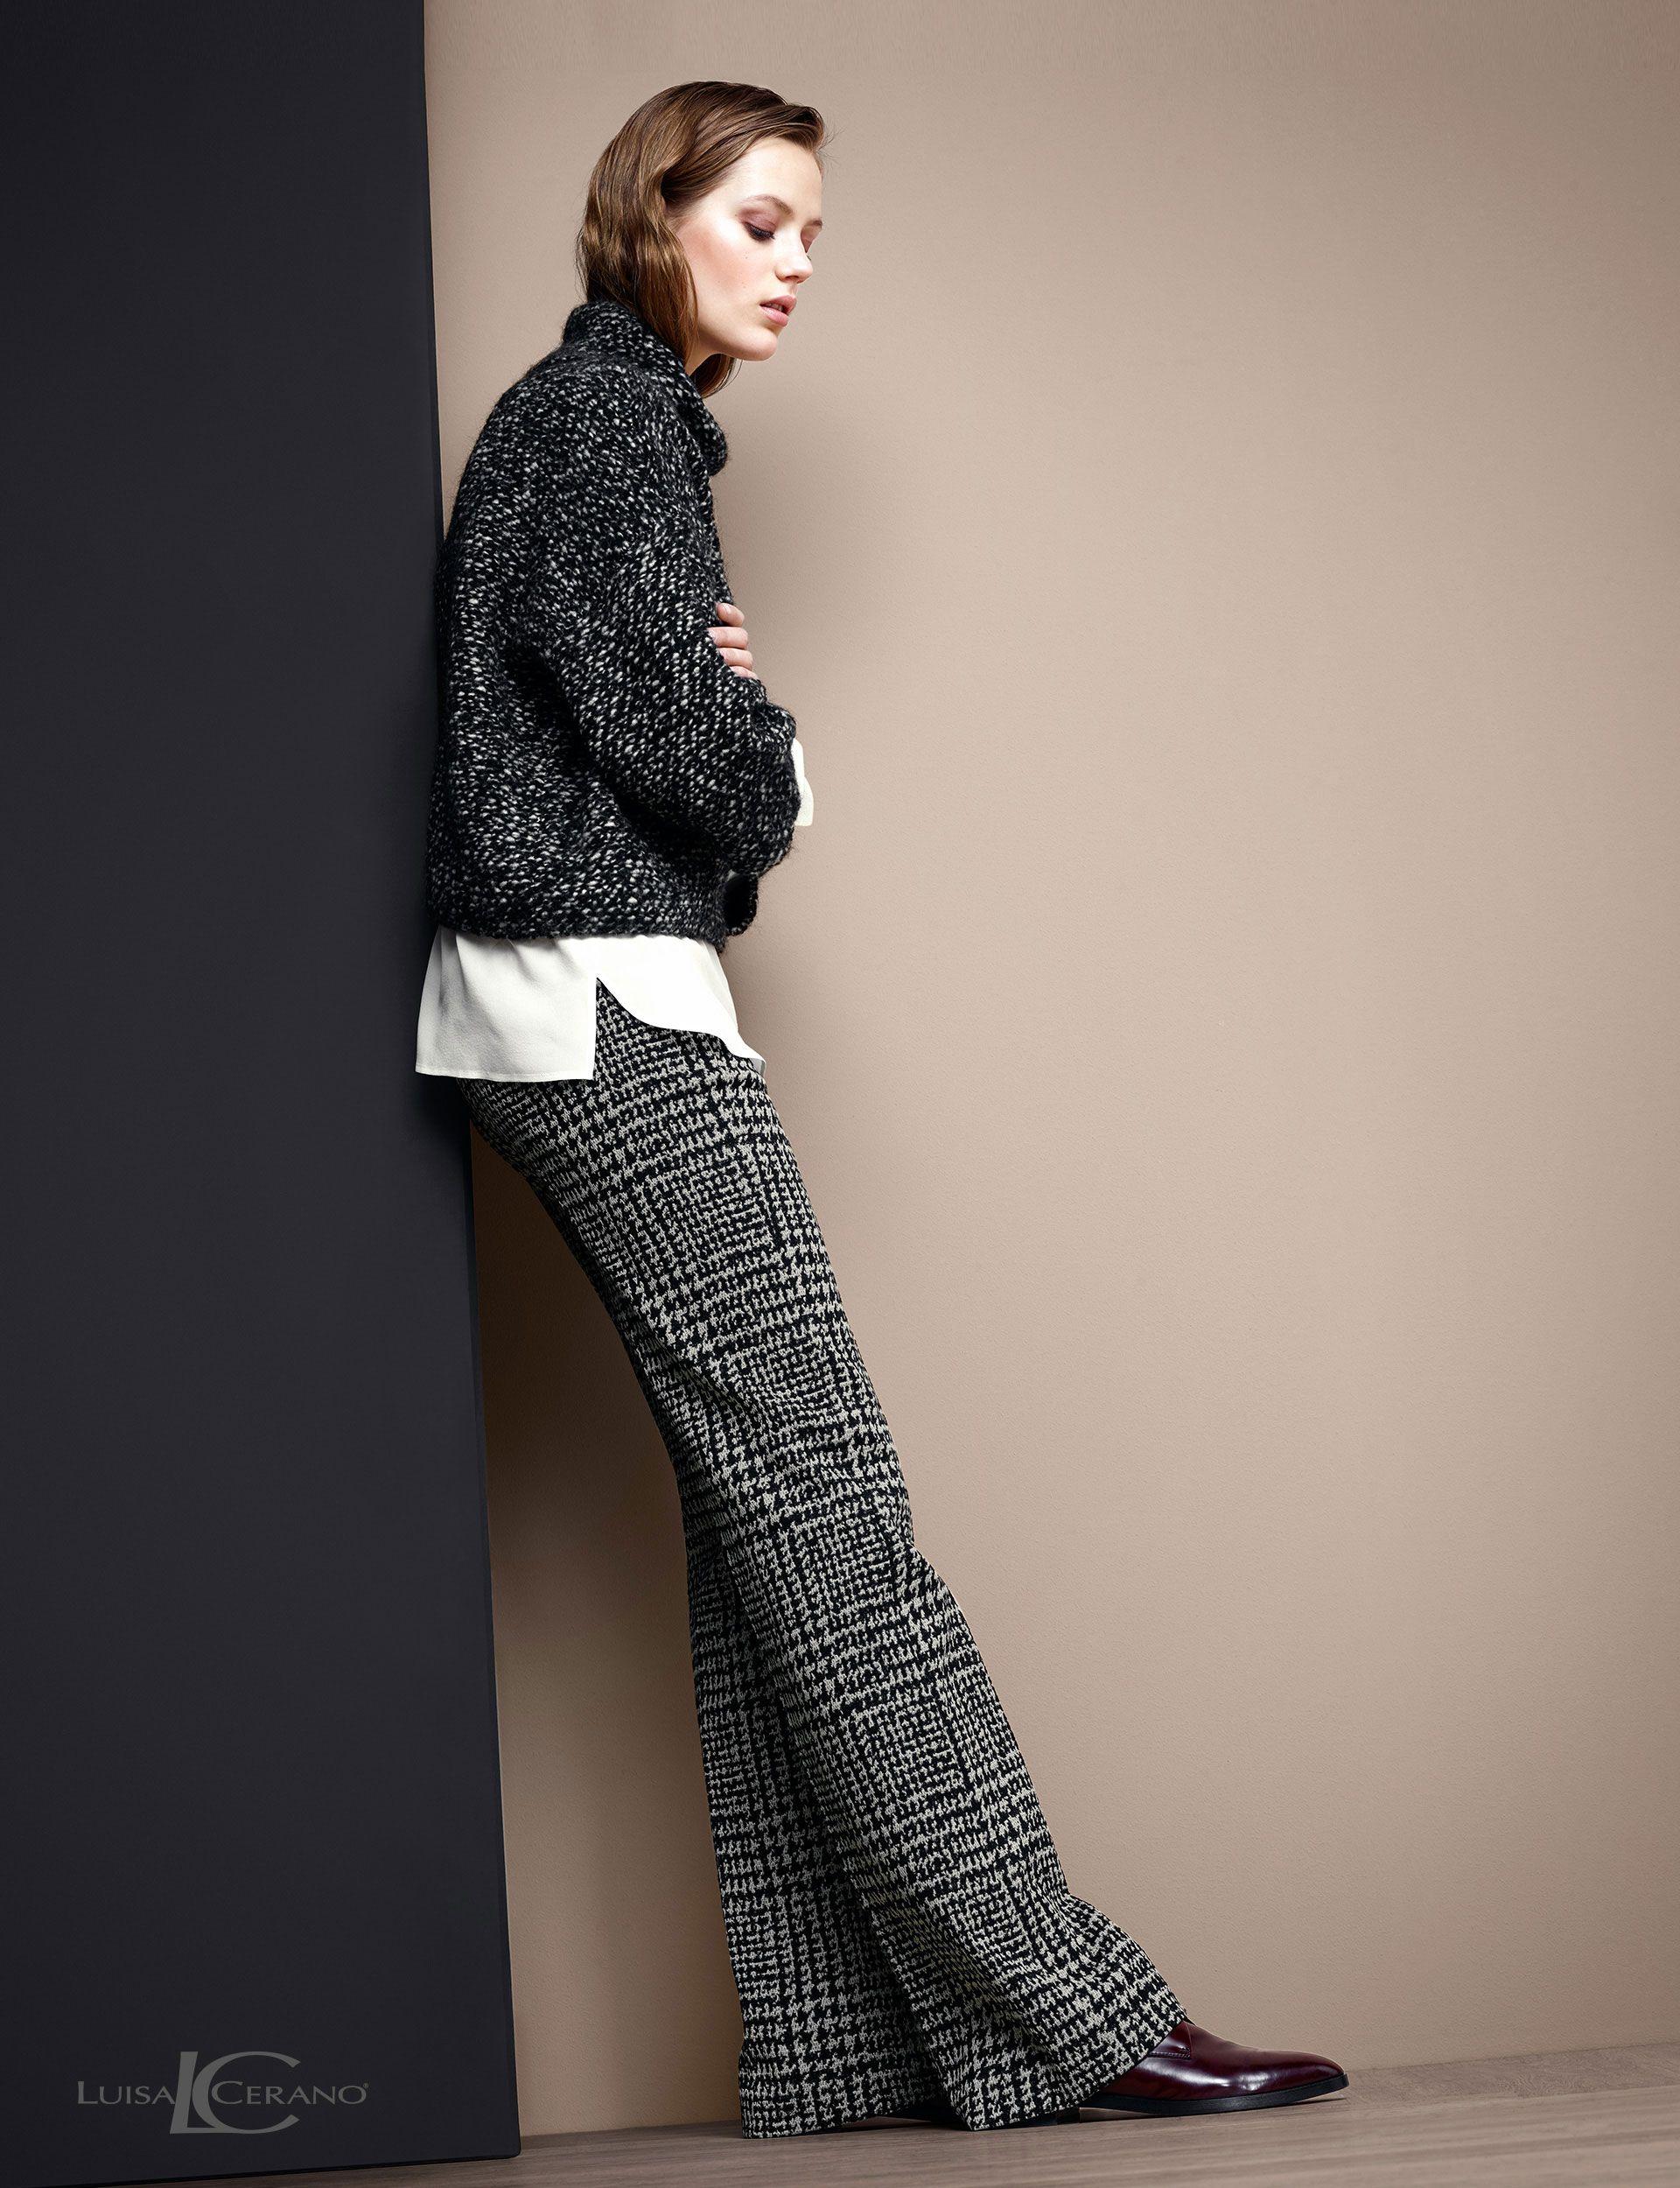 kleding looks 2015